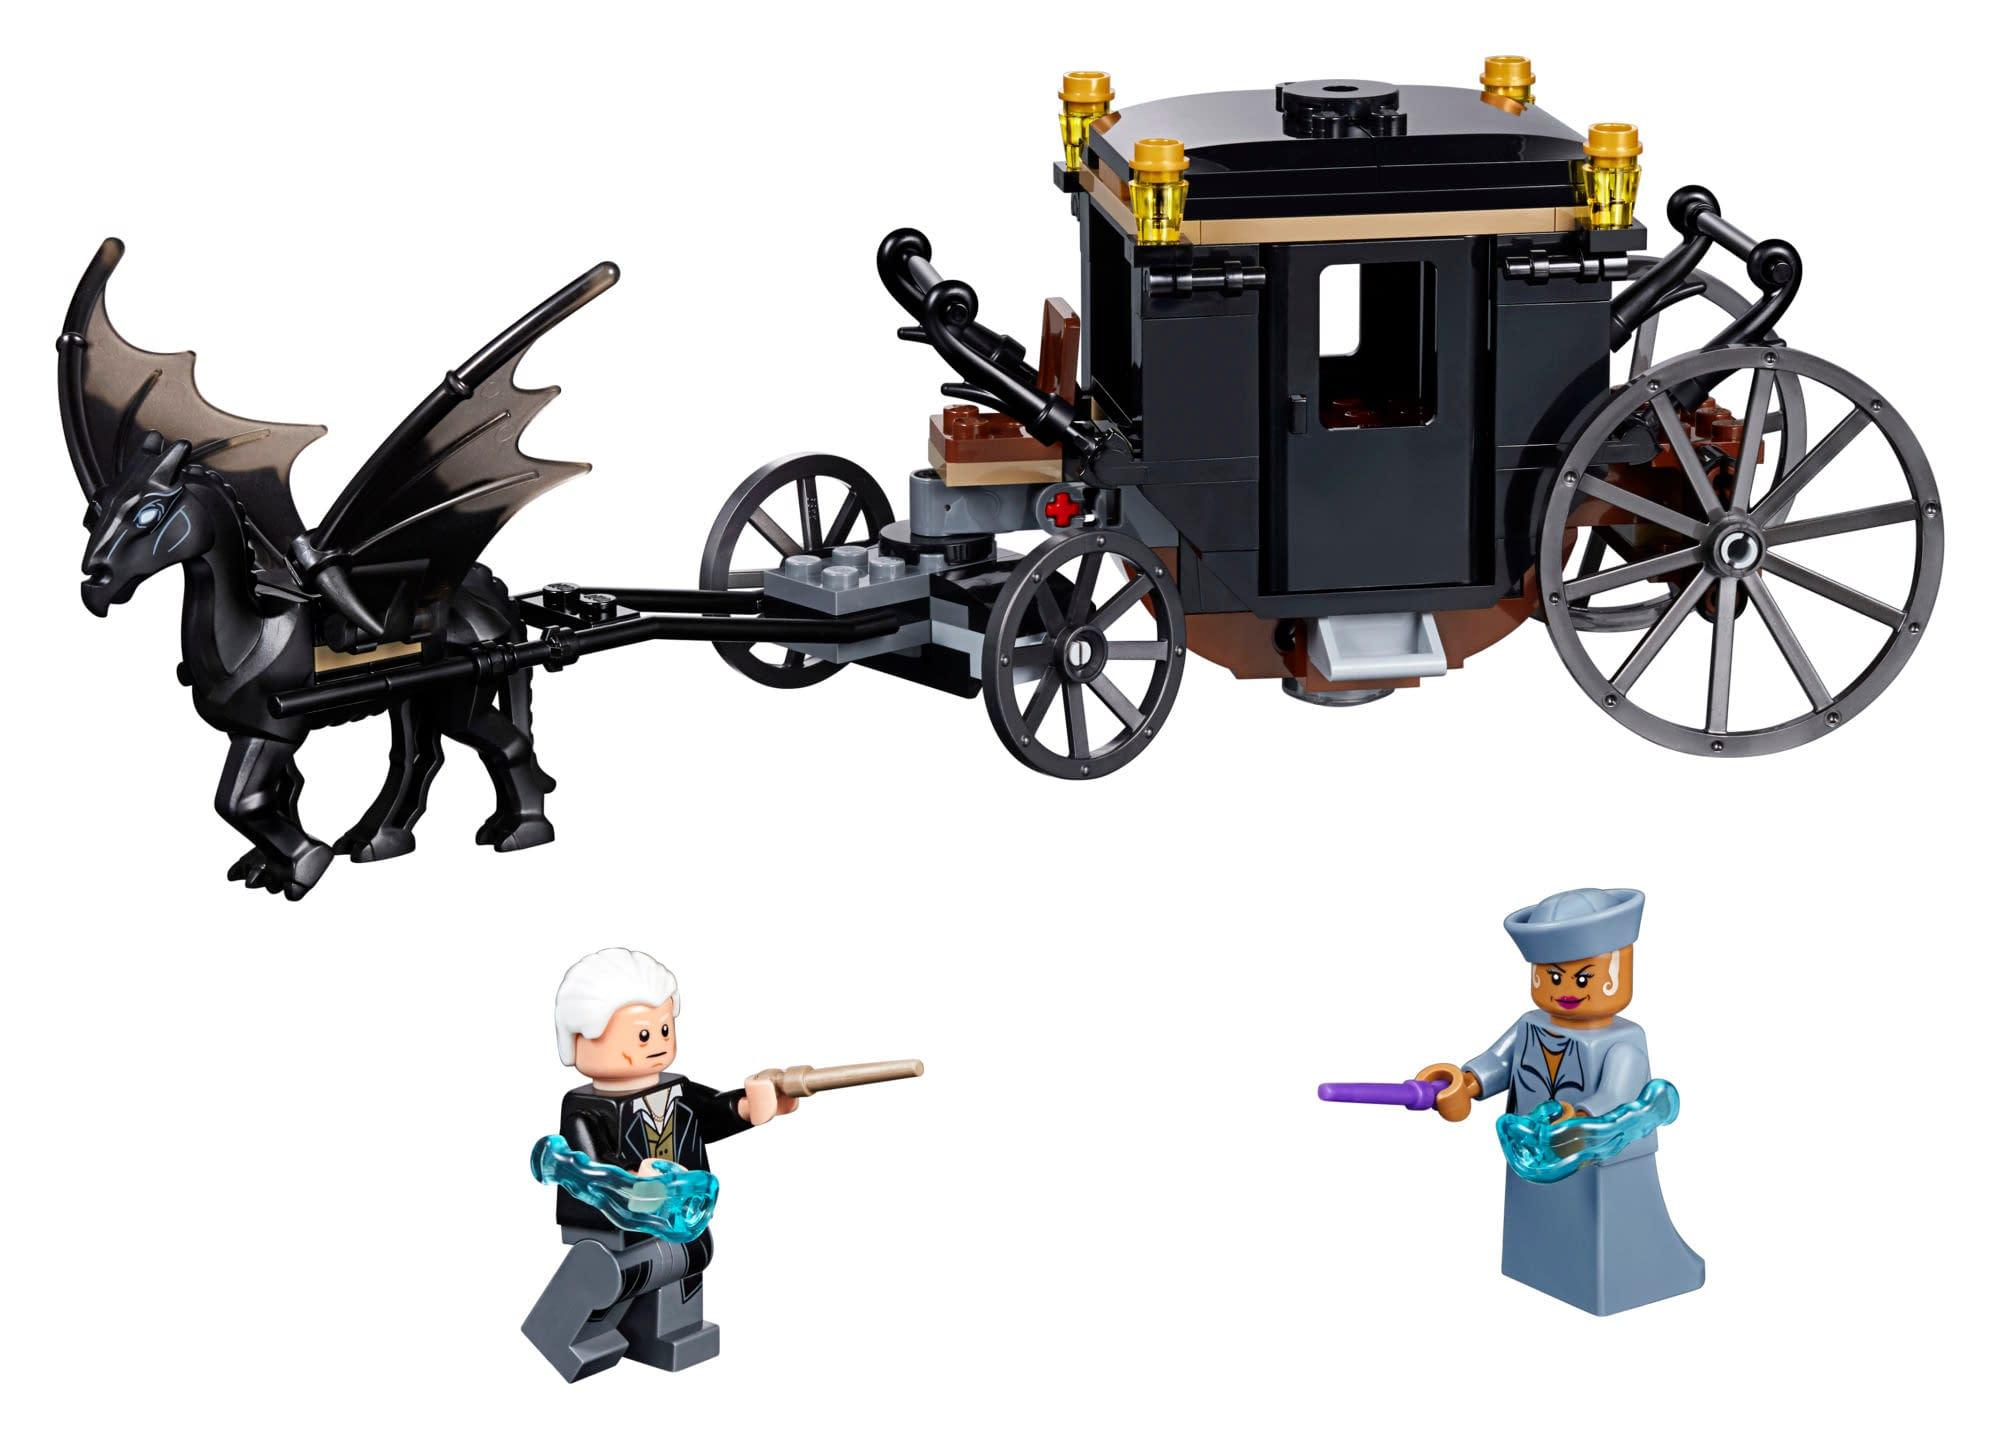 LEGO Fantastic Beasts Grindlewald's Escape Set